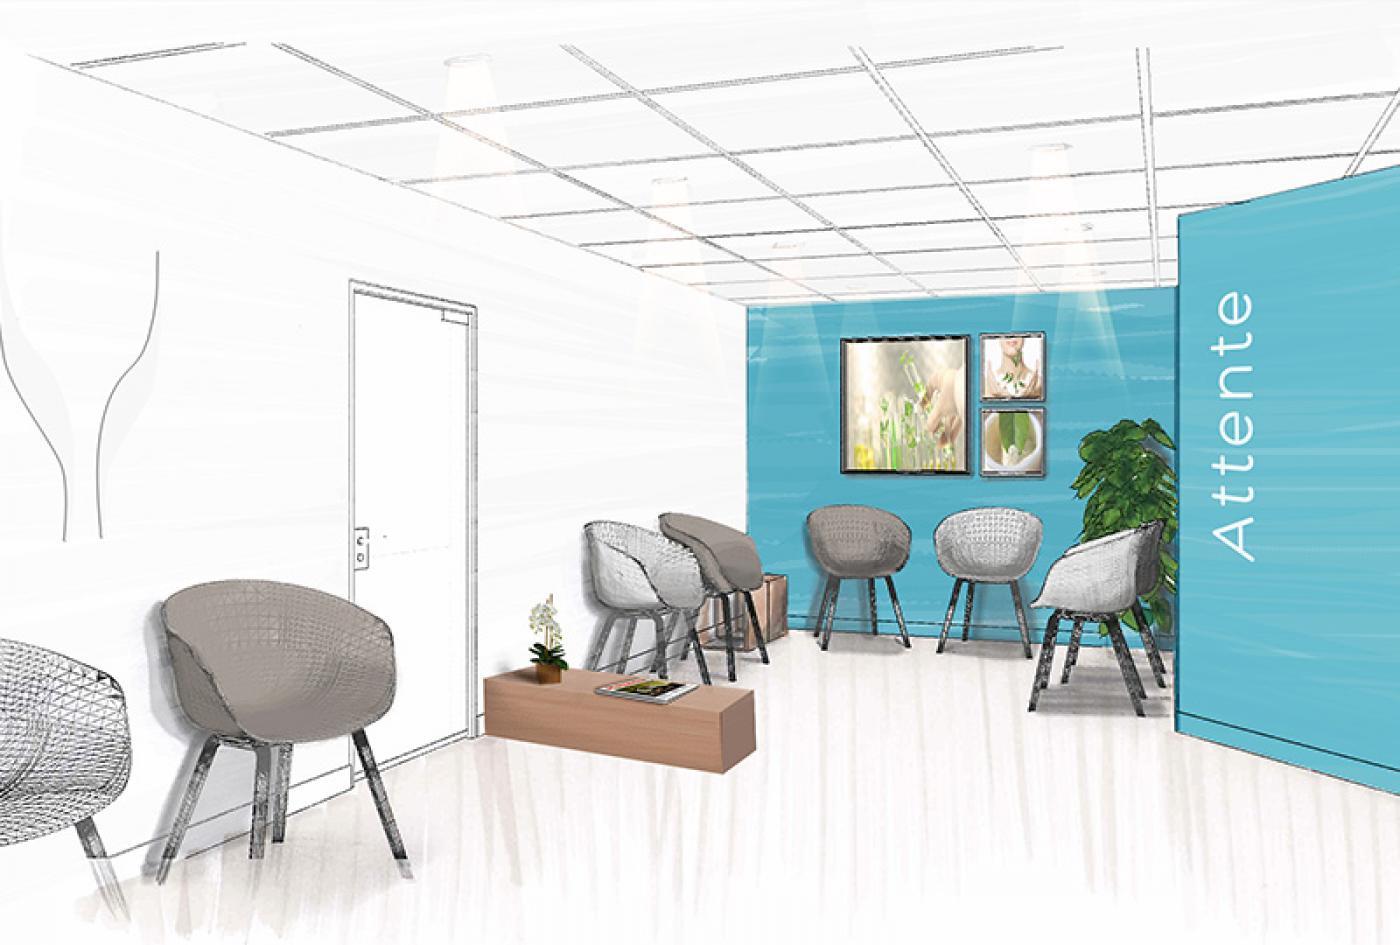 rénovation laboratoire médical clé en main rhone-alpes